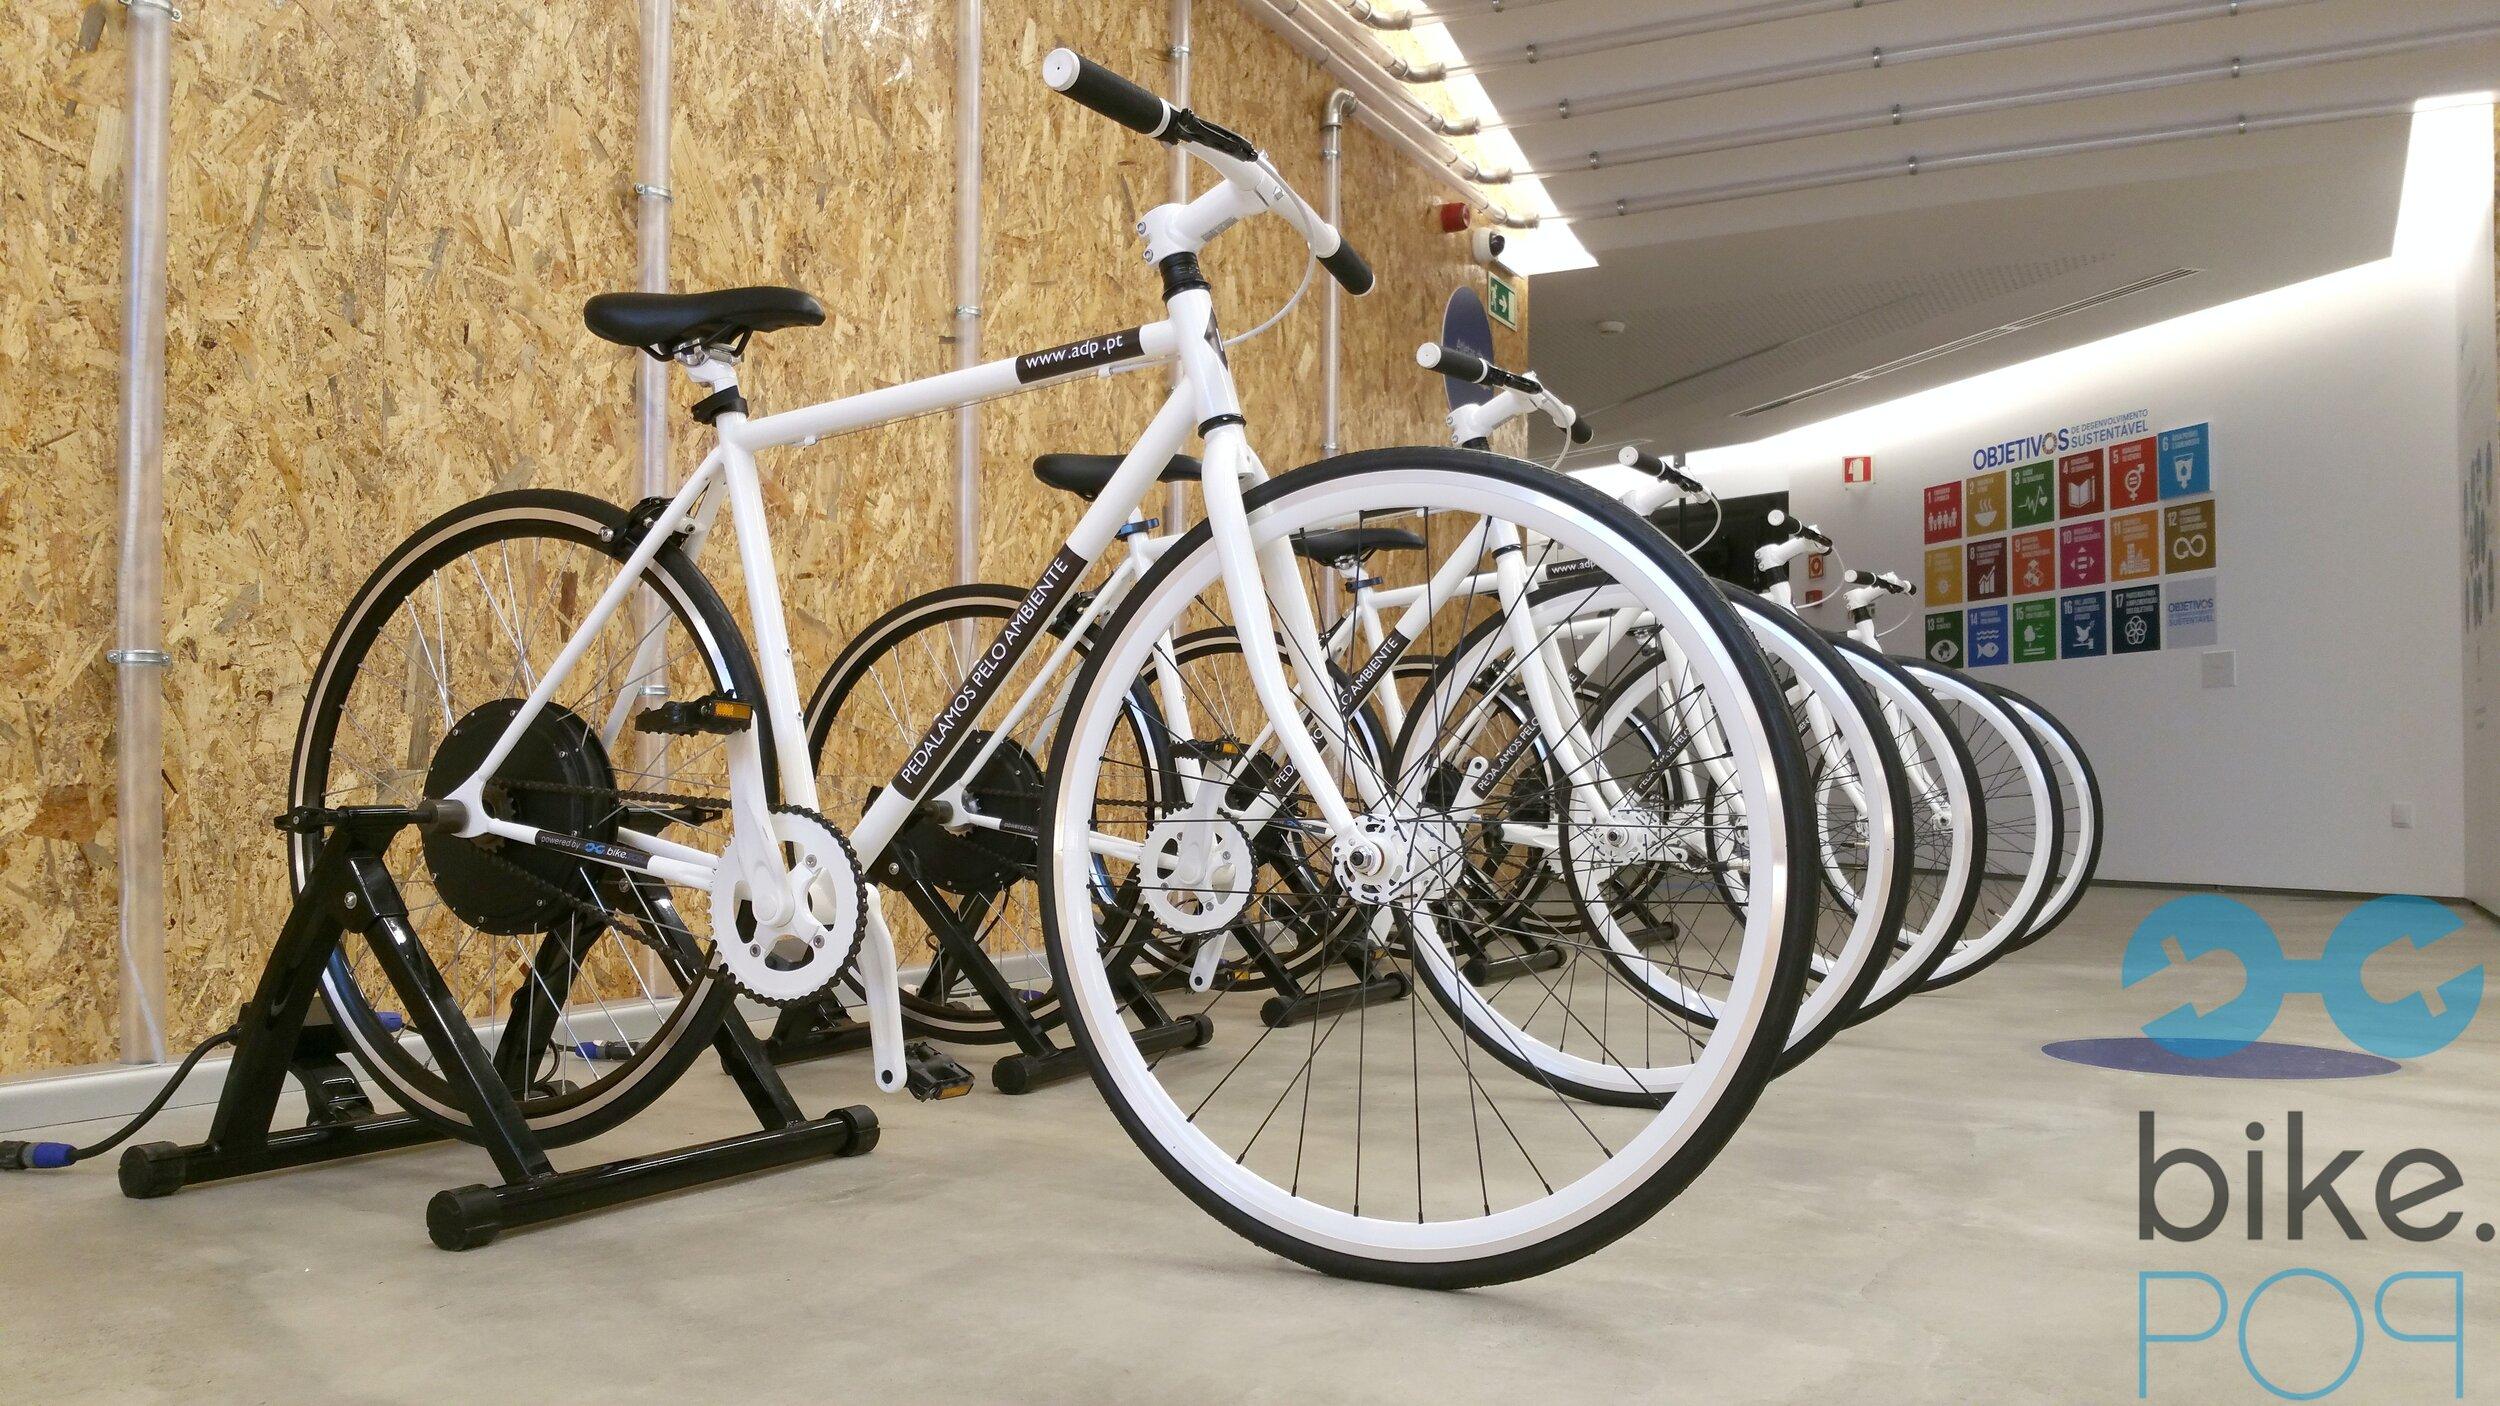 Energia a pedal Bike.POP